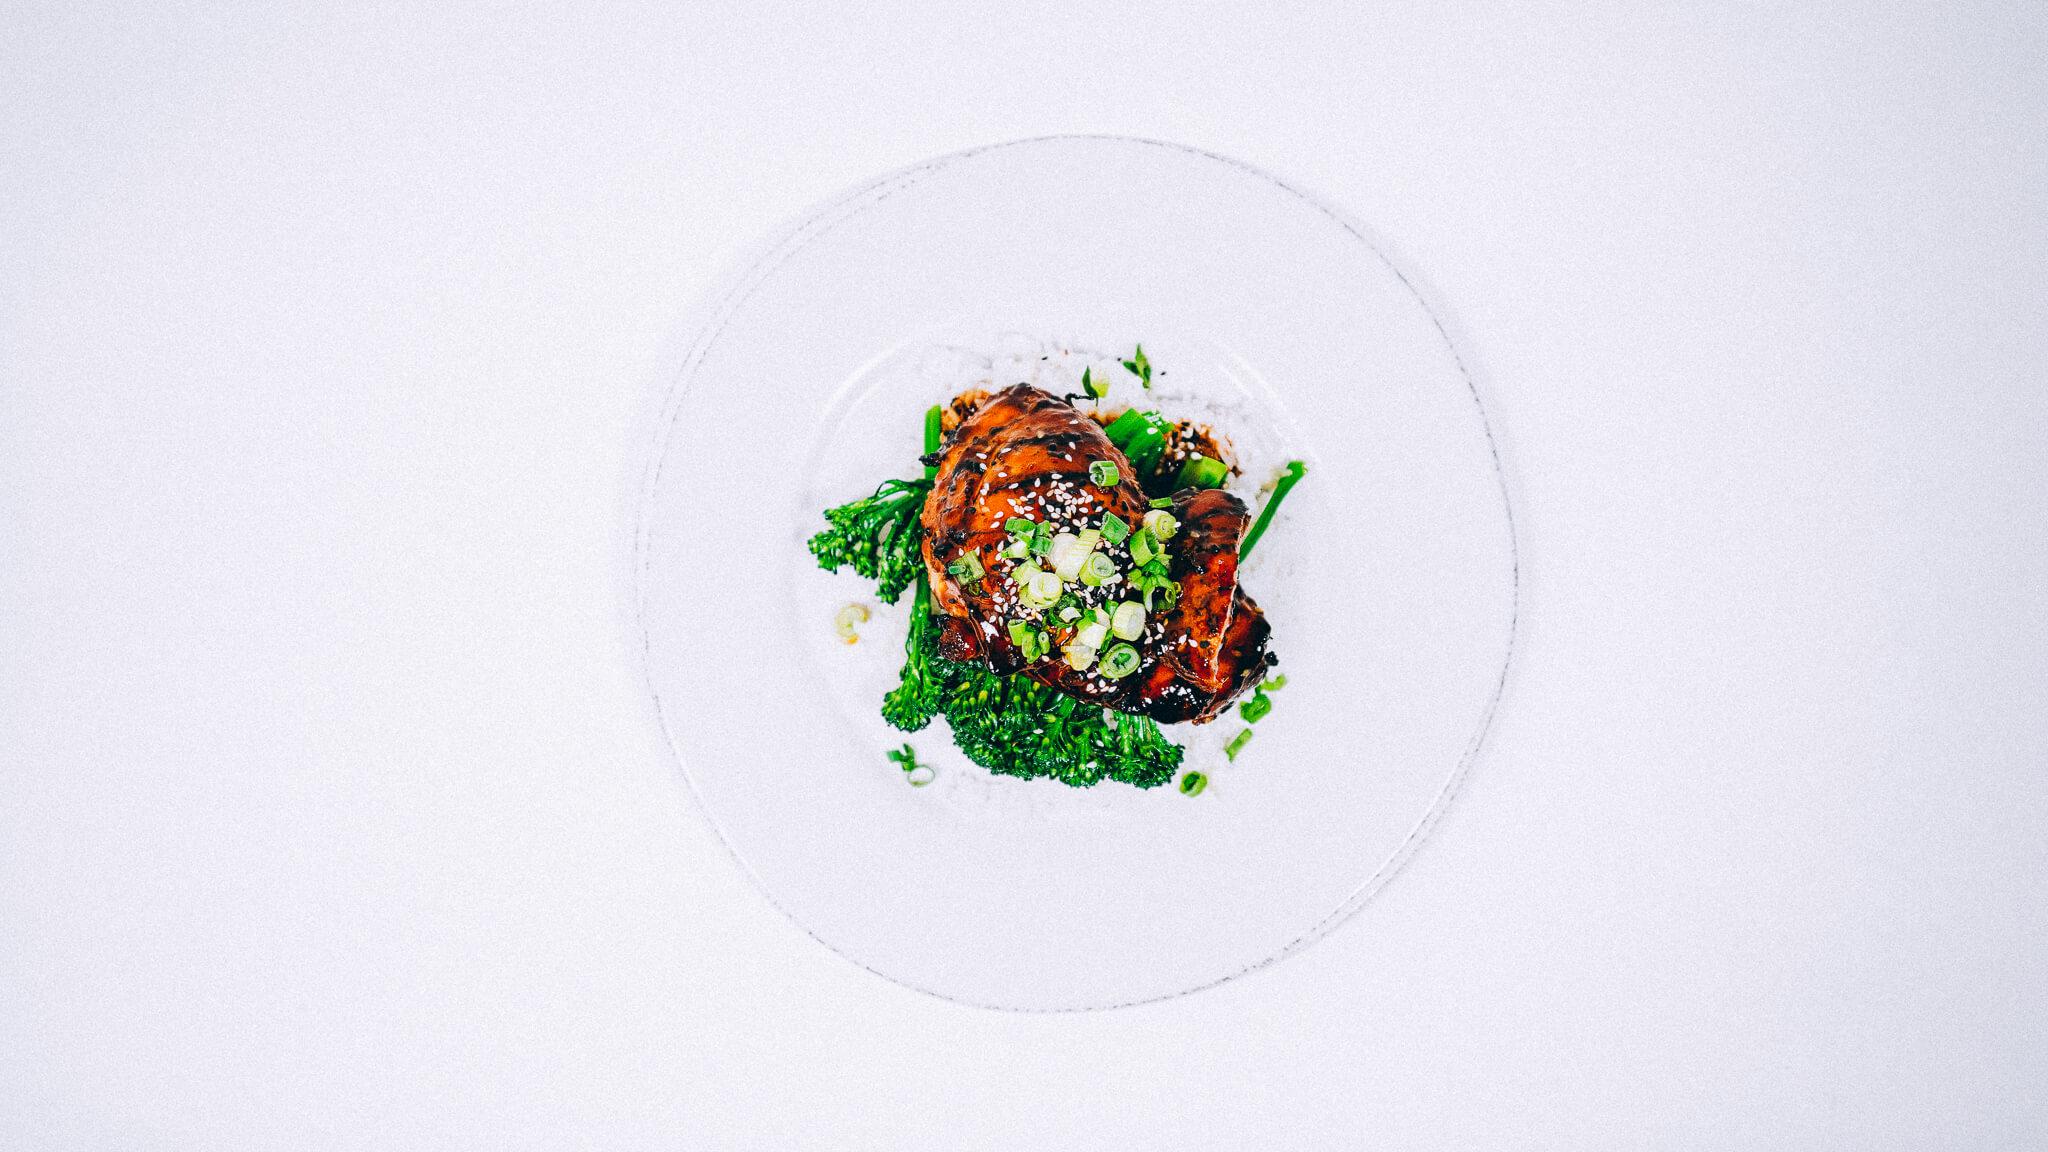 chimichurri steak with garnish